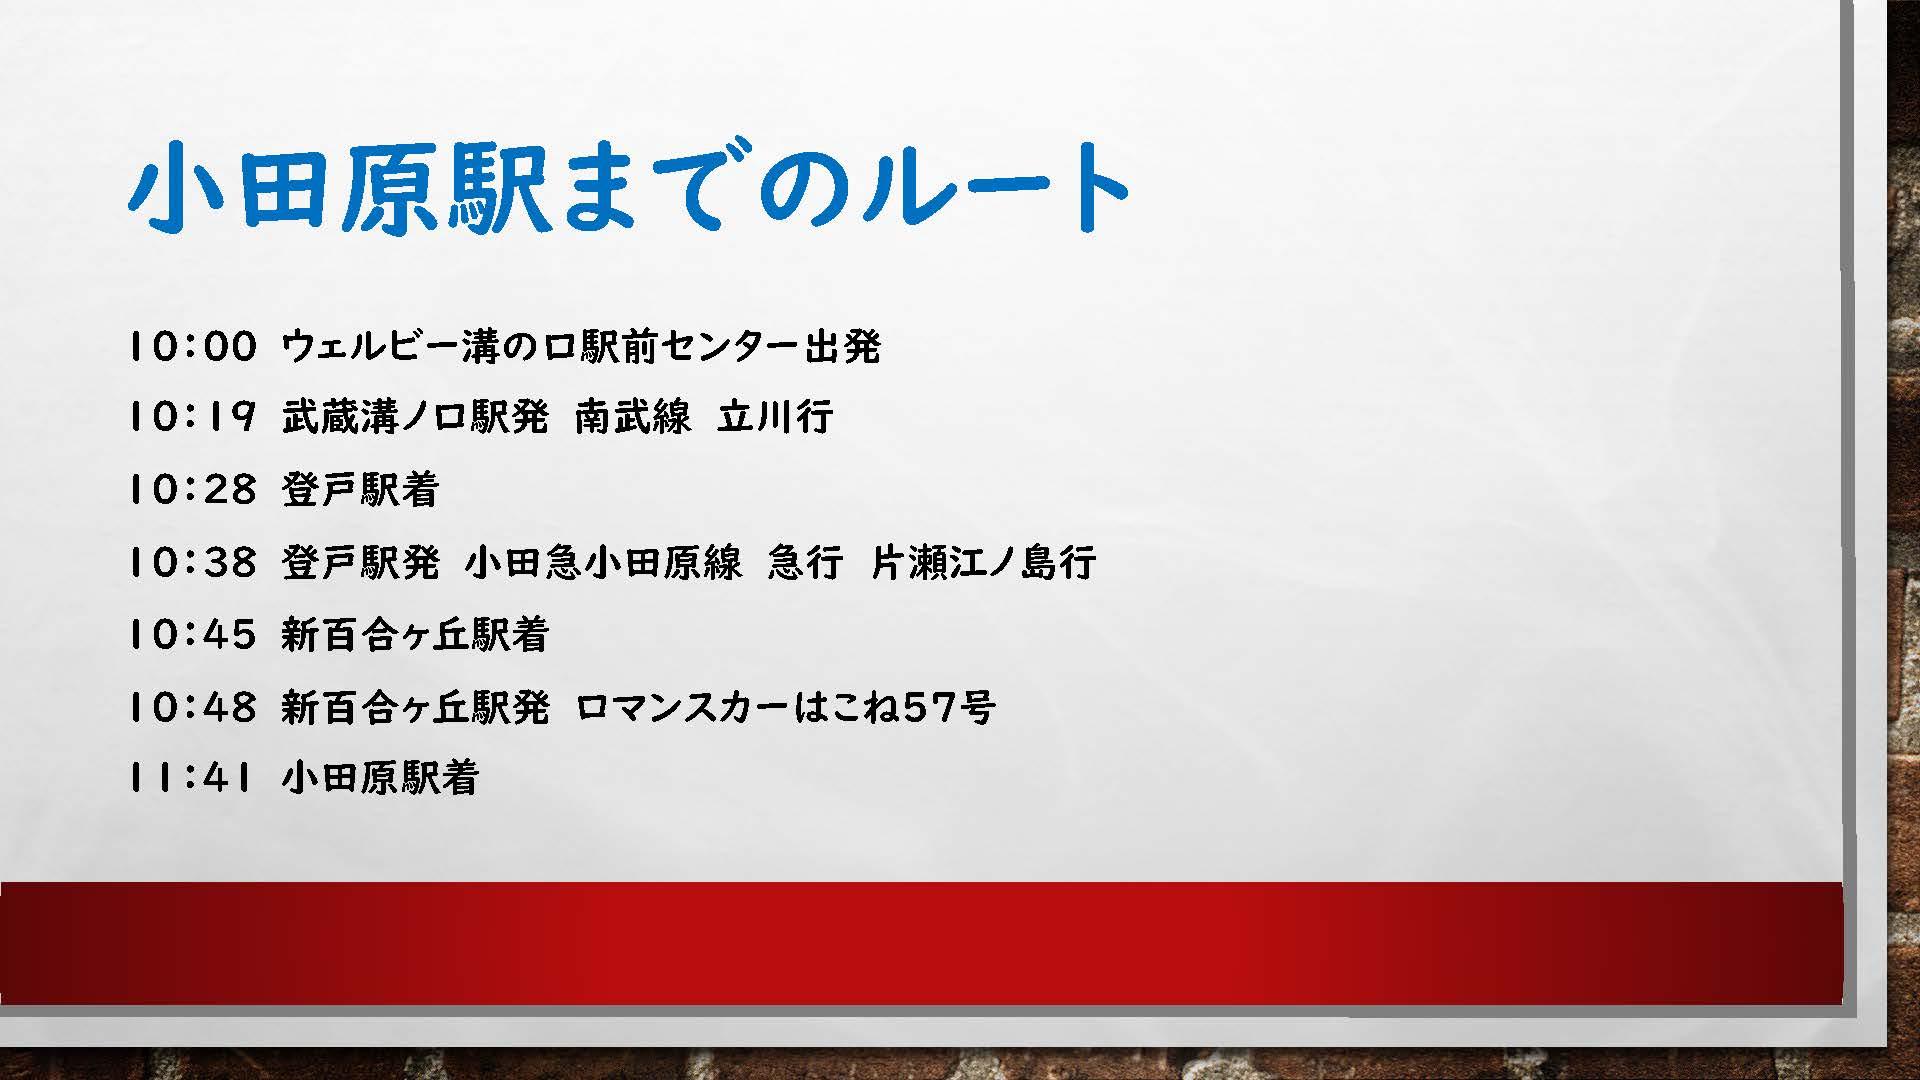 溝の口駅前センター【Aチーム】_ページ_2